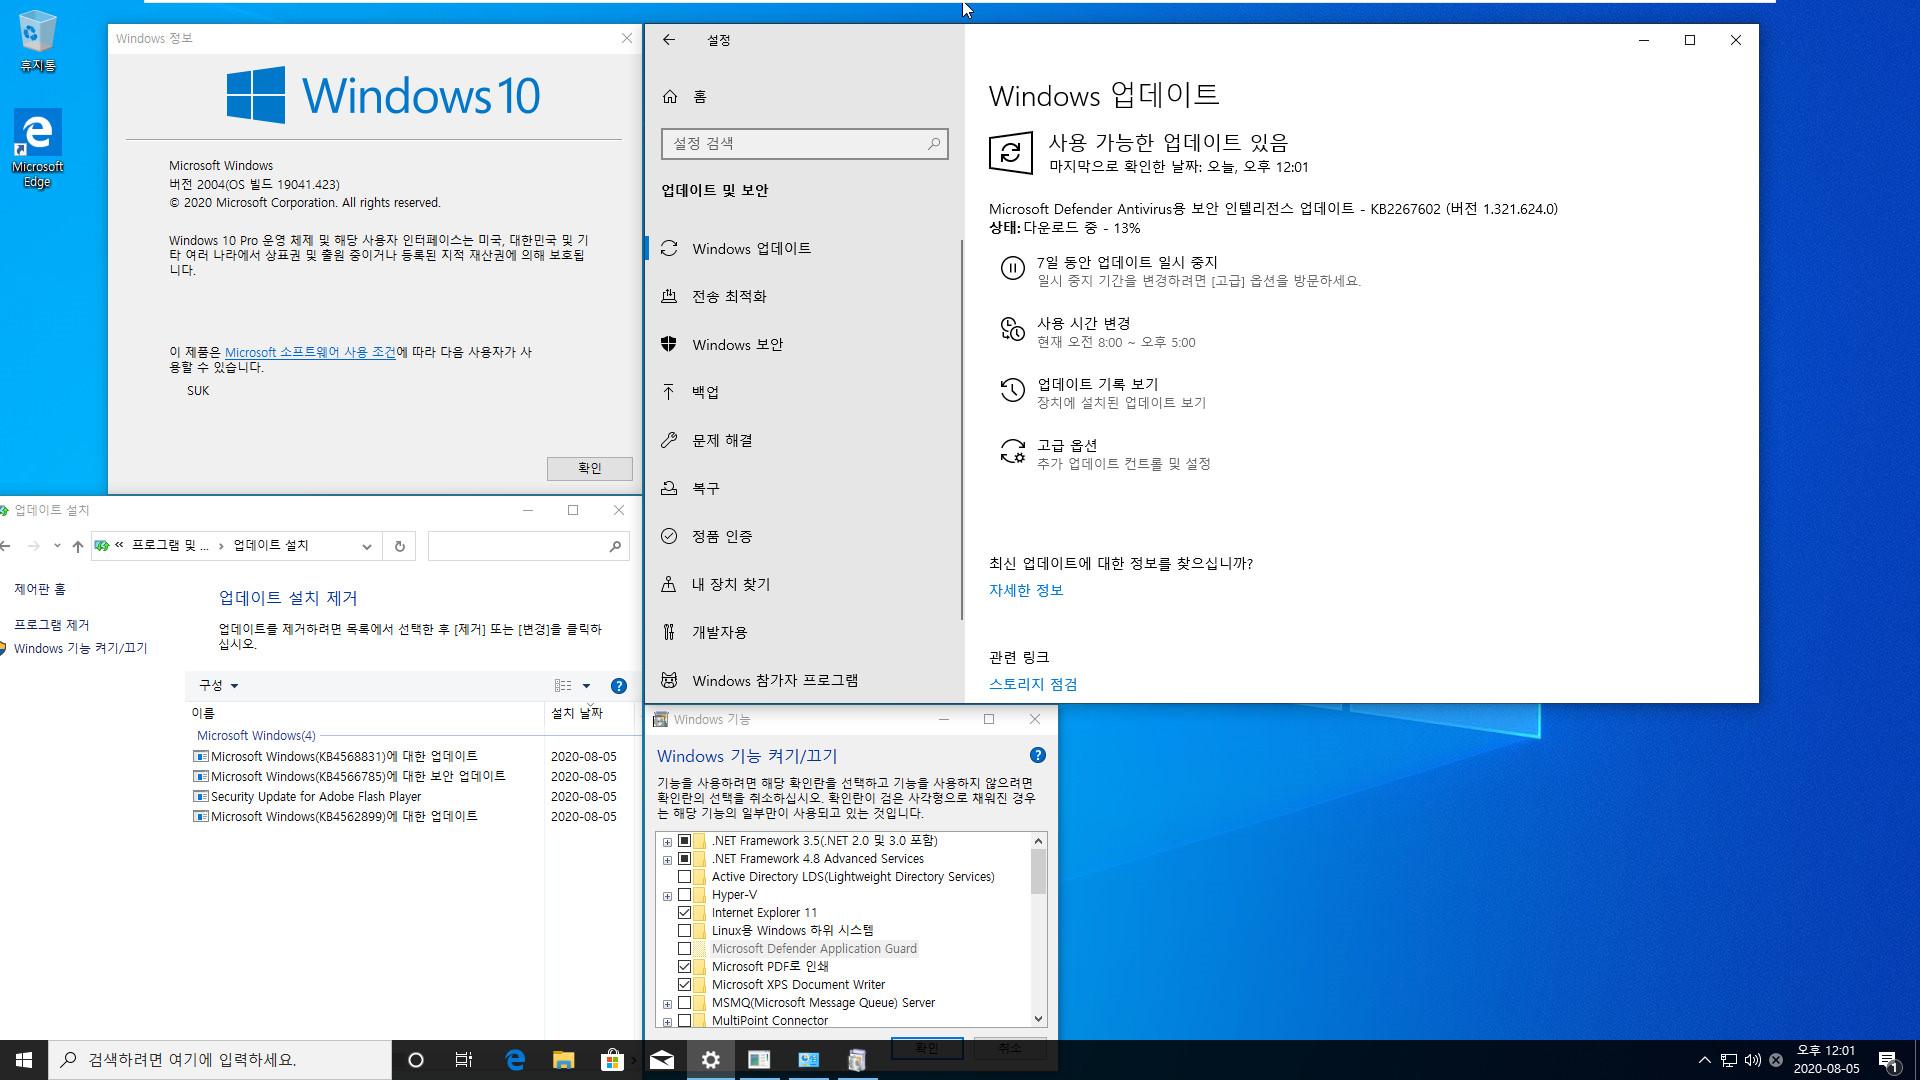 2020-08-01일자 수시 업데이트 통합 - Windows 10 버전 2004 + 버전 20H2 누적 업데이트 KB4568831 (OS 빌드 19041.423 + 19042.423) vmware에 설치 테스트 2020-08-05_120159.jpg